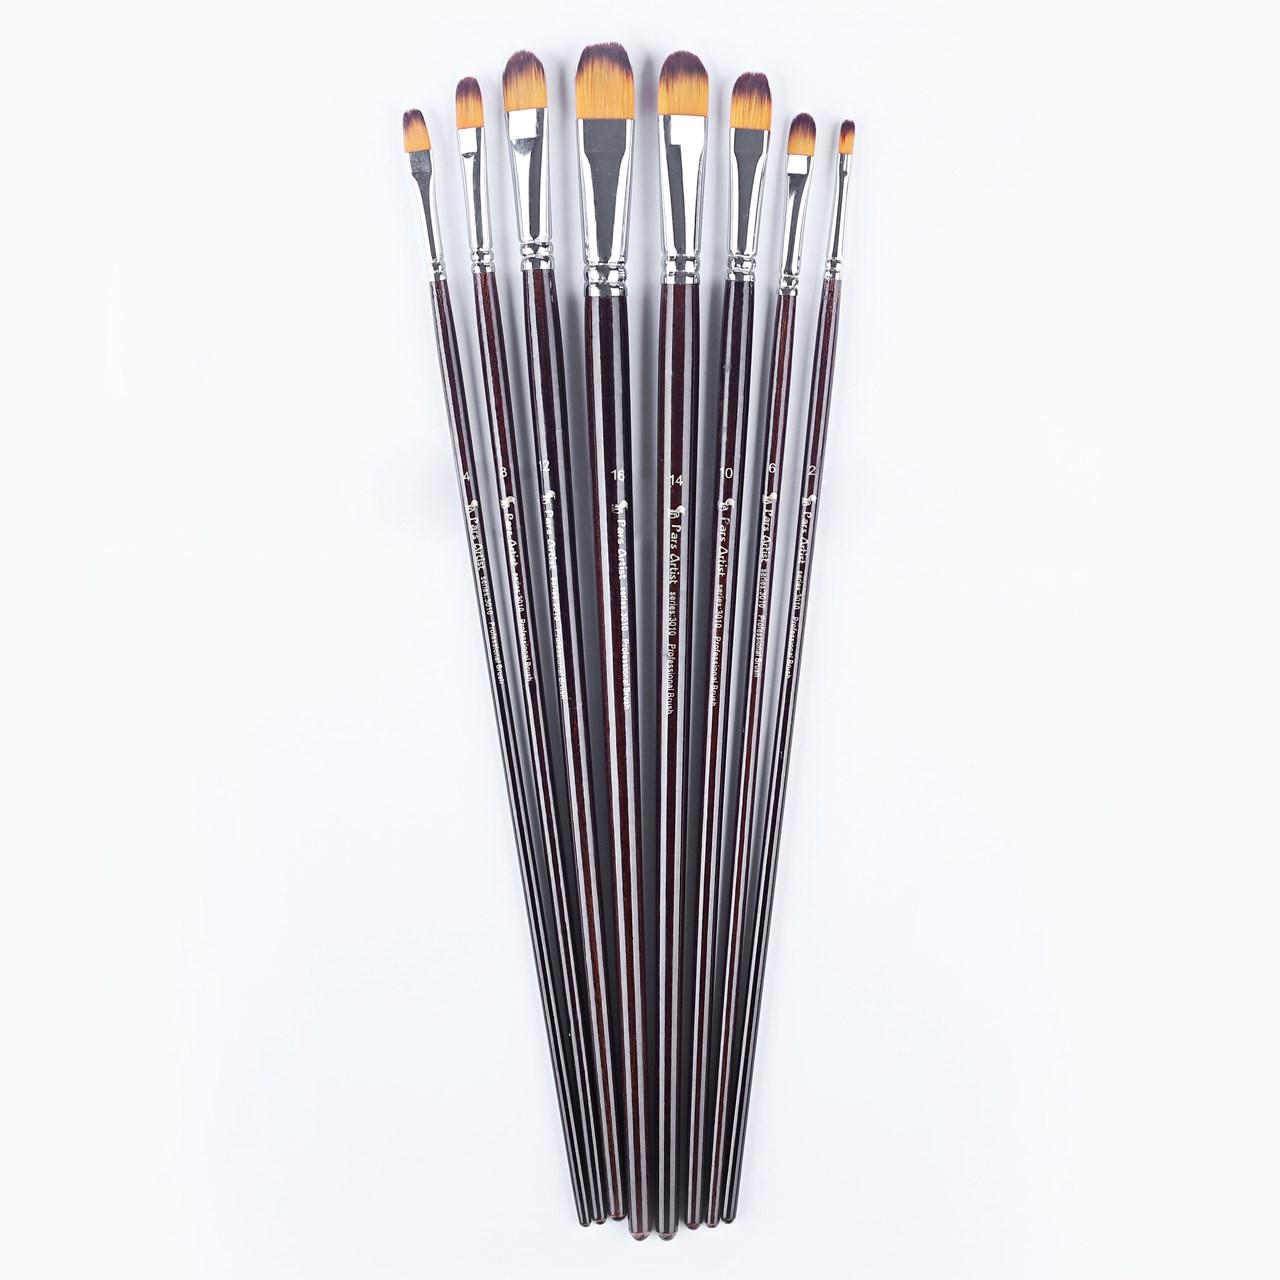 قلم مو پارس آرتیست کد3010 مدل زبان گربه ای ست 8 عددی